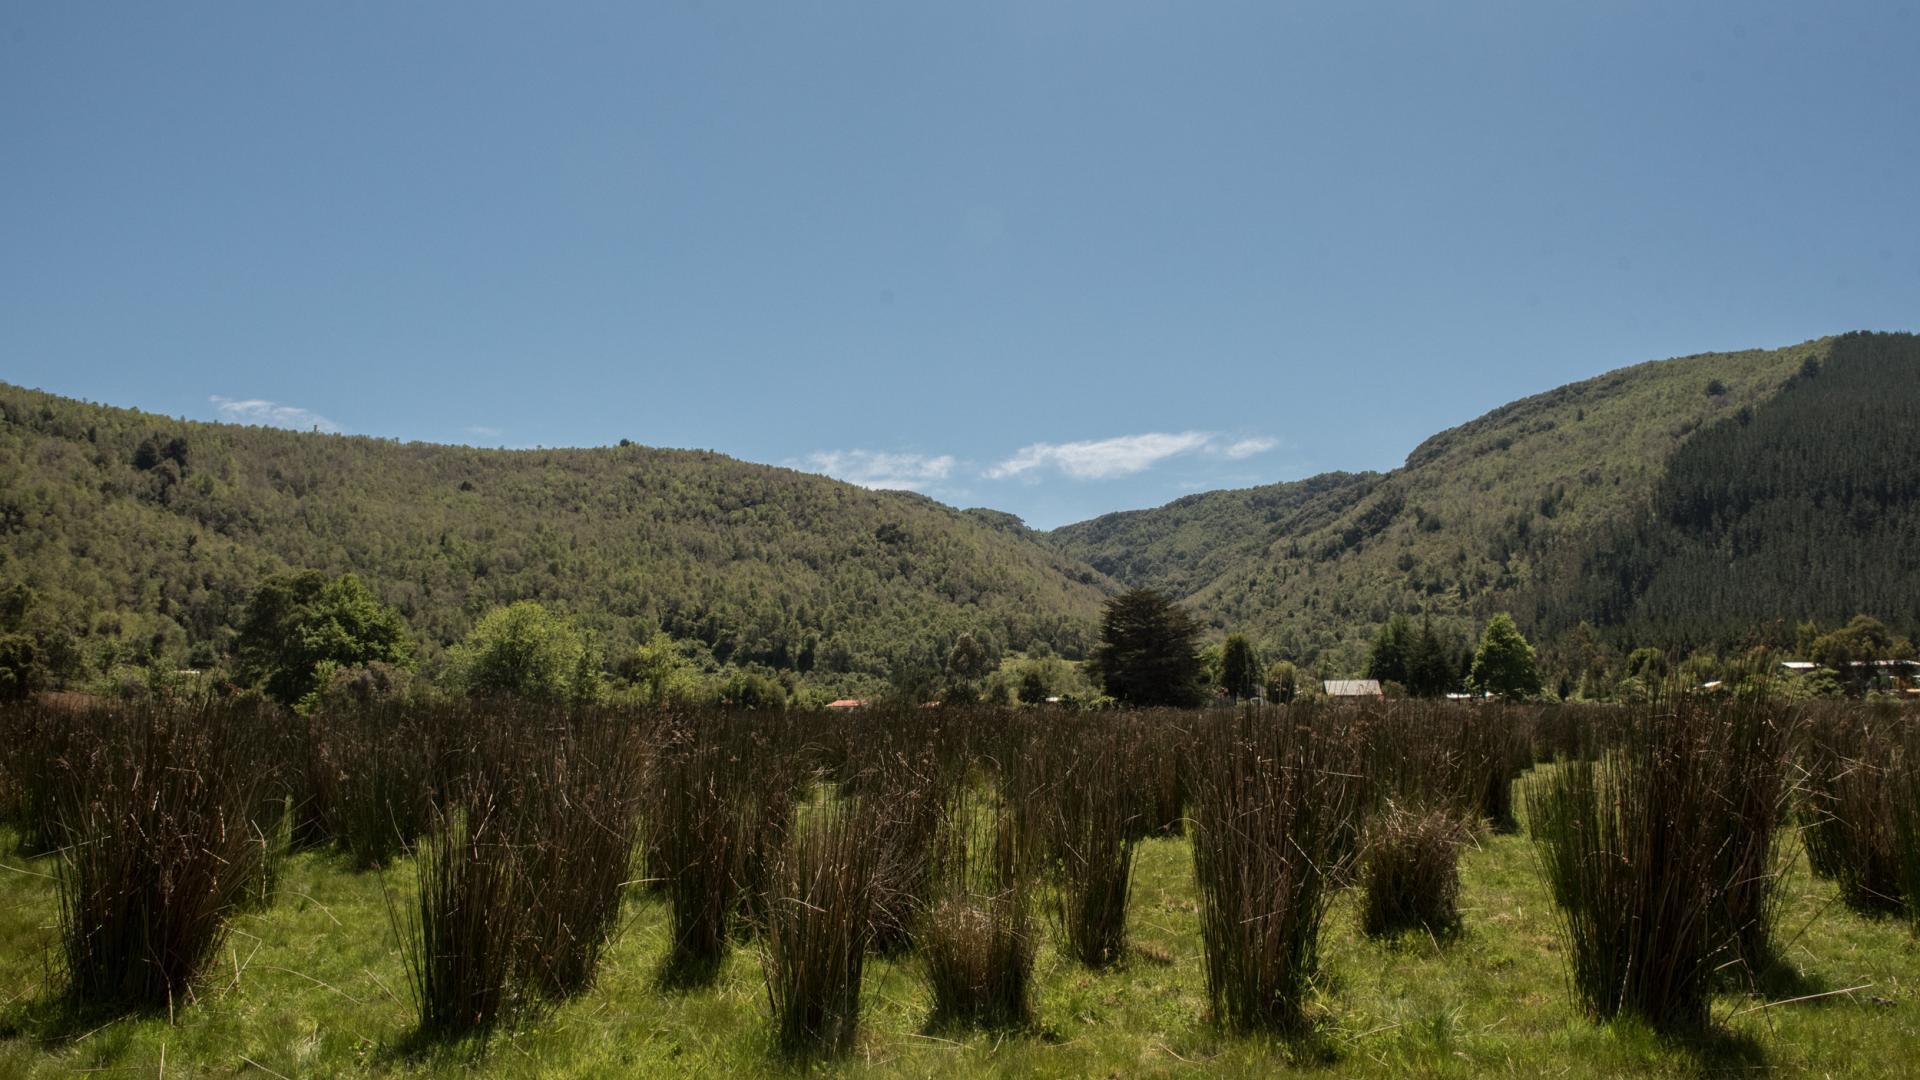 Imagen de Se declara Santuario de la Naturaleza El Natri en la Región del Biobío